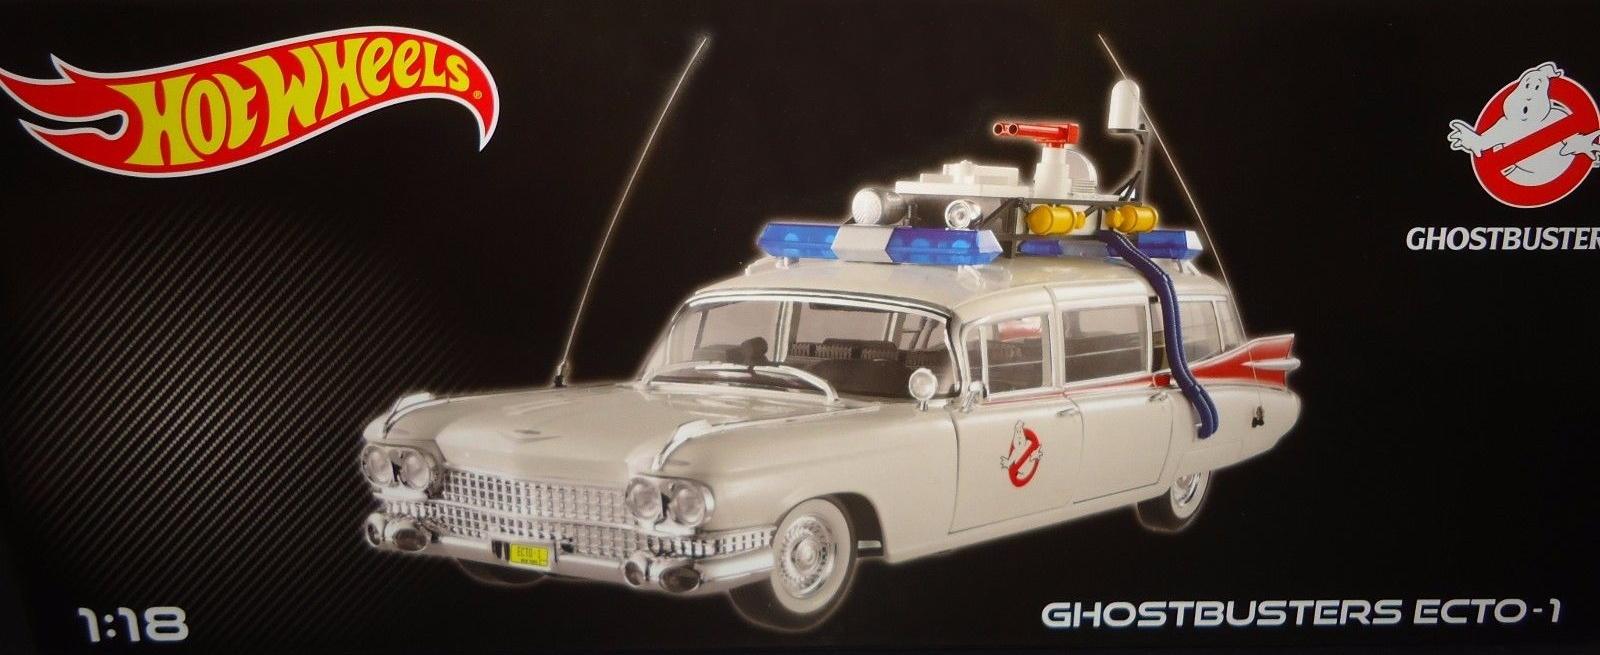 Hot Wheels 1 18 Scale Ecto 1 Ghostbusters Wiki Fandom